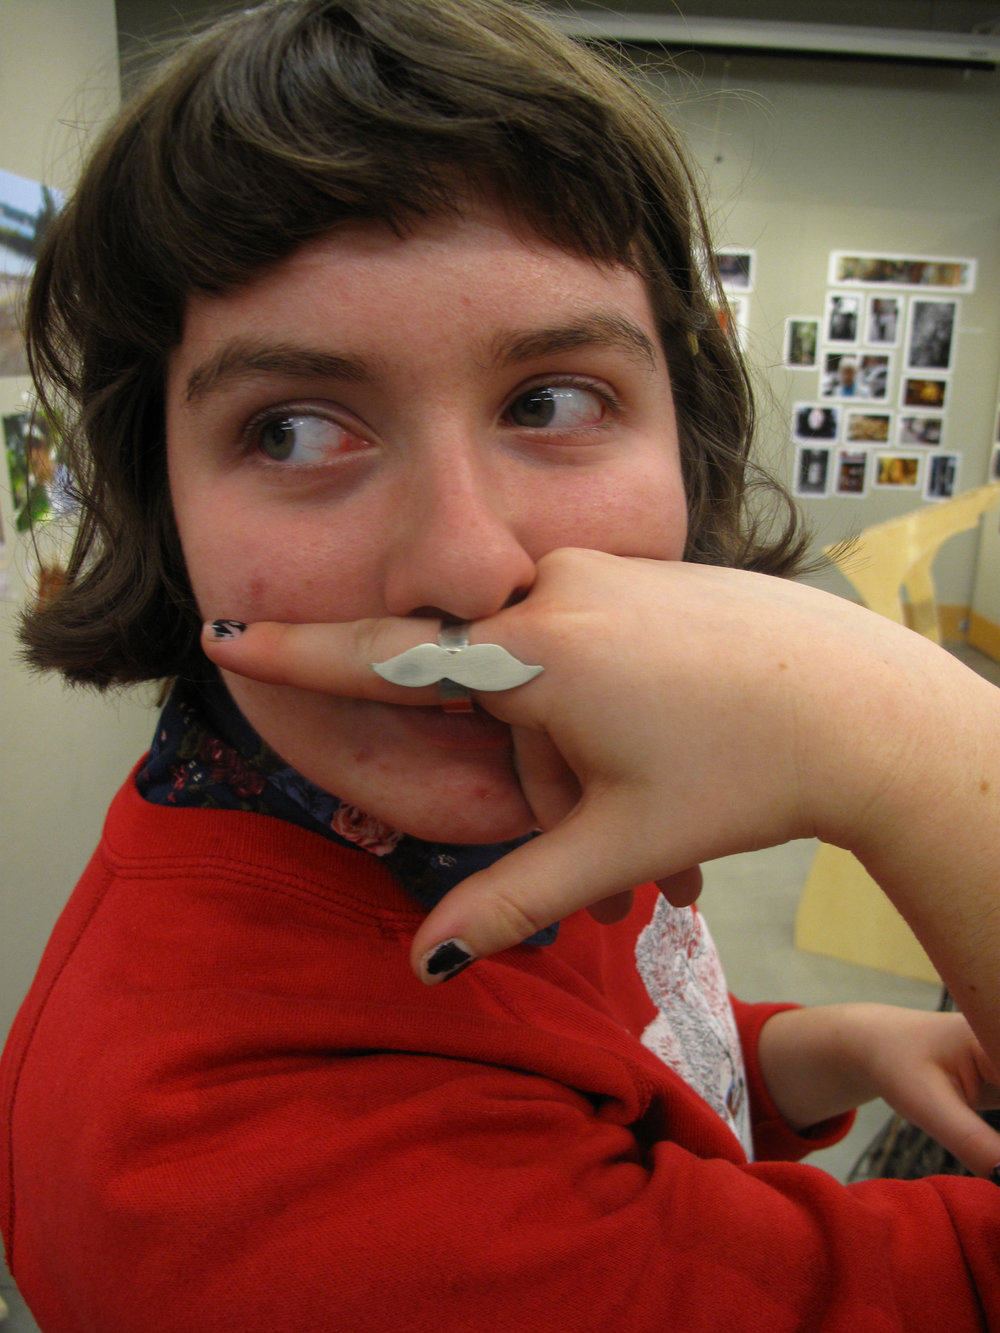 Nina-mustache ring .jpg